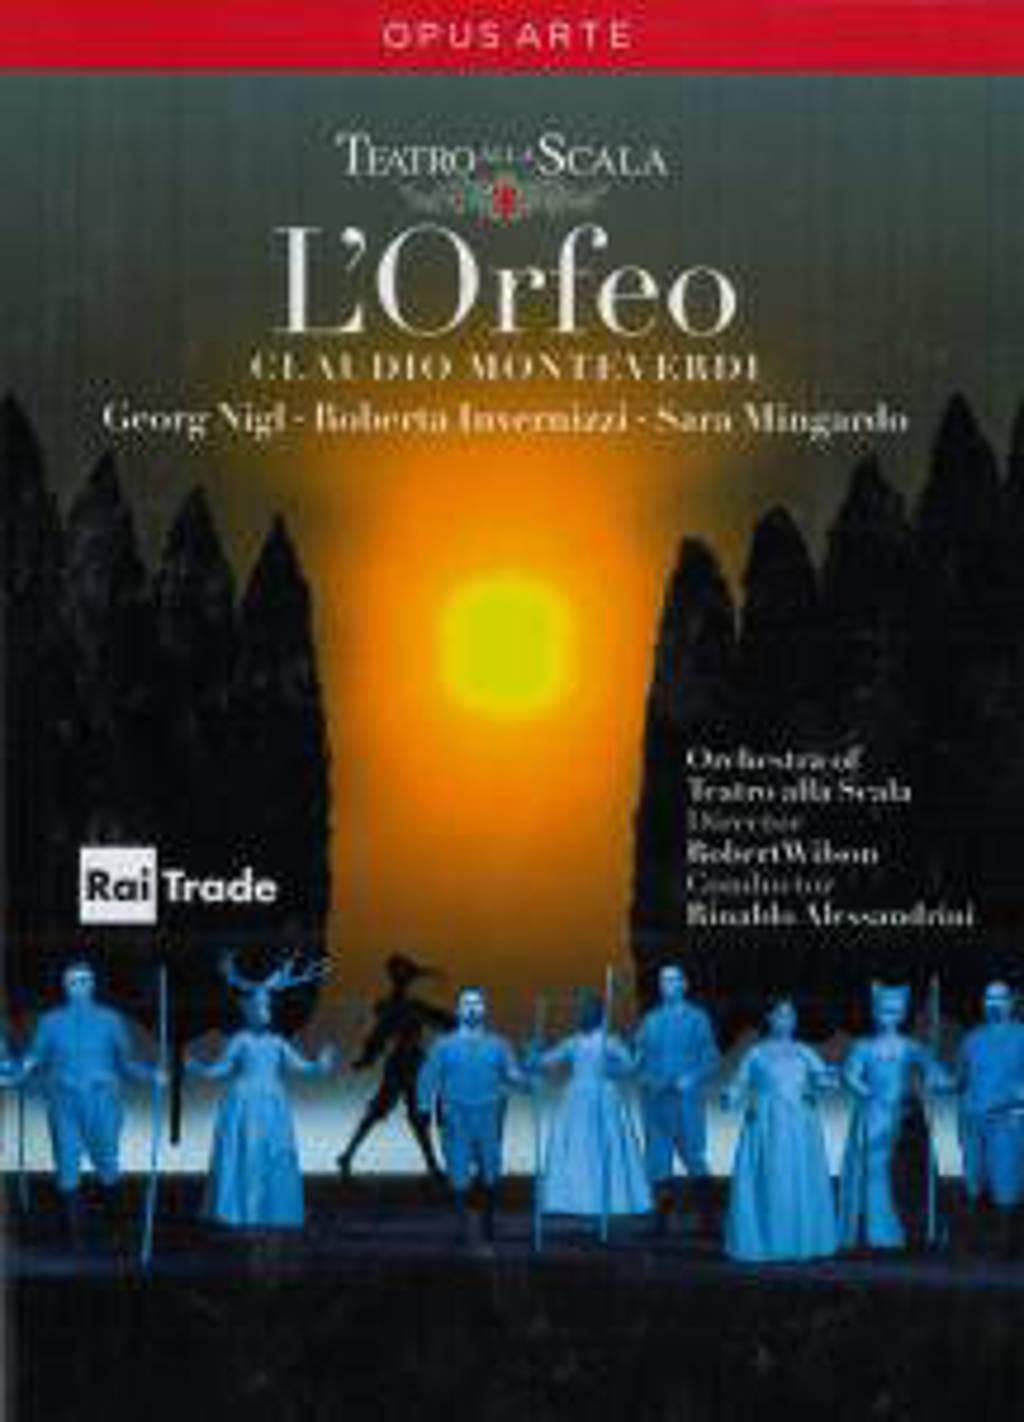 Nigl/Invernizzi/De Donato/Concerto - L Orfeo (DVD)